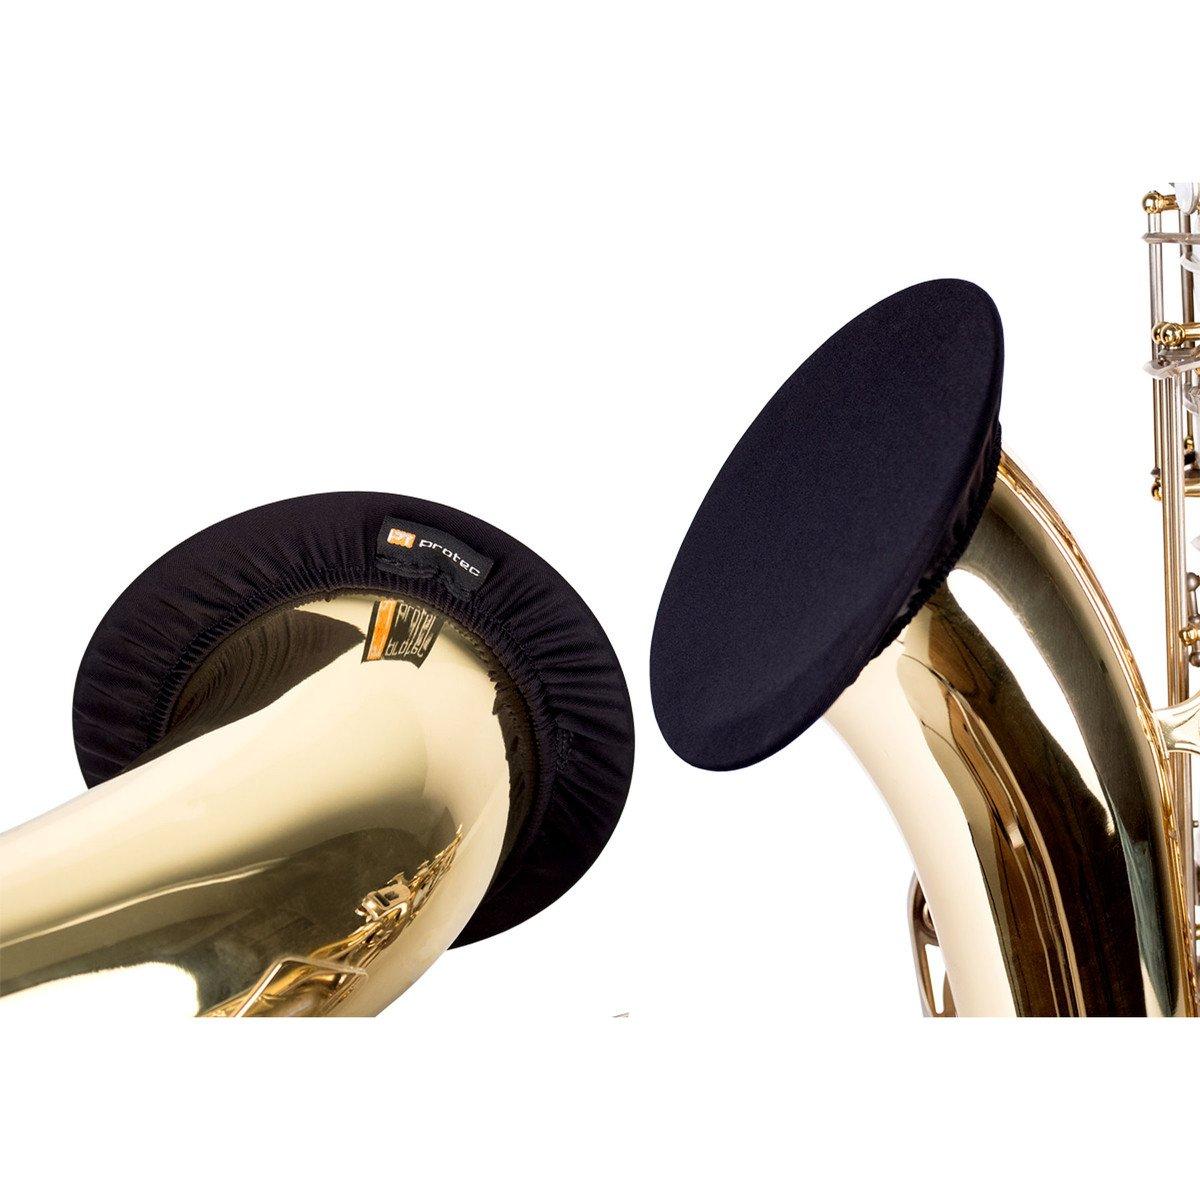 Instrument Bell Cover 5.25-6.75 Tenor Sax/Flugelhorn